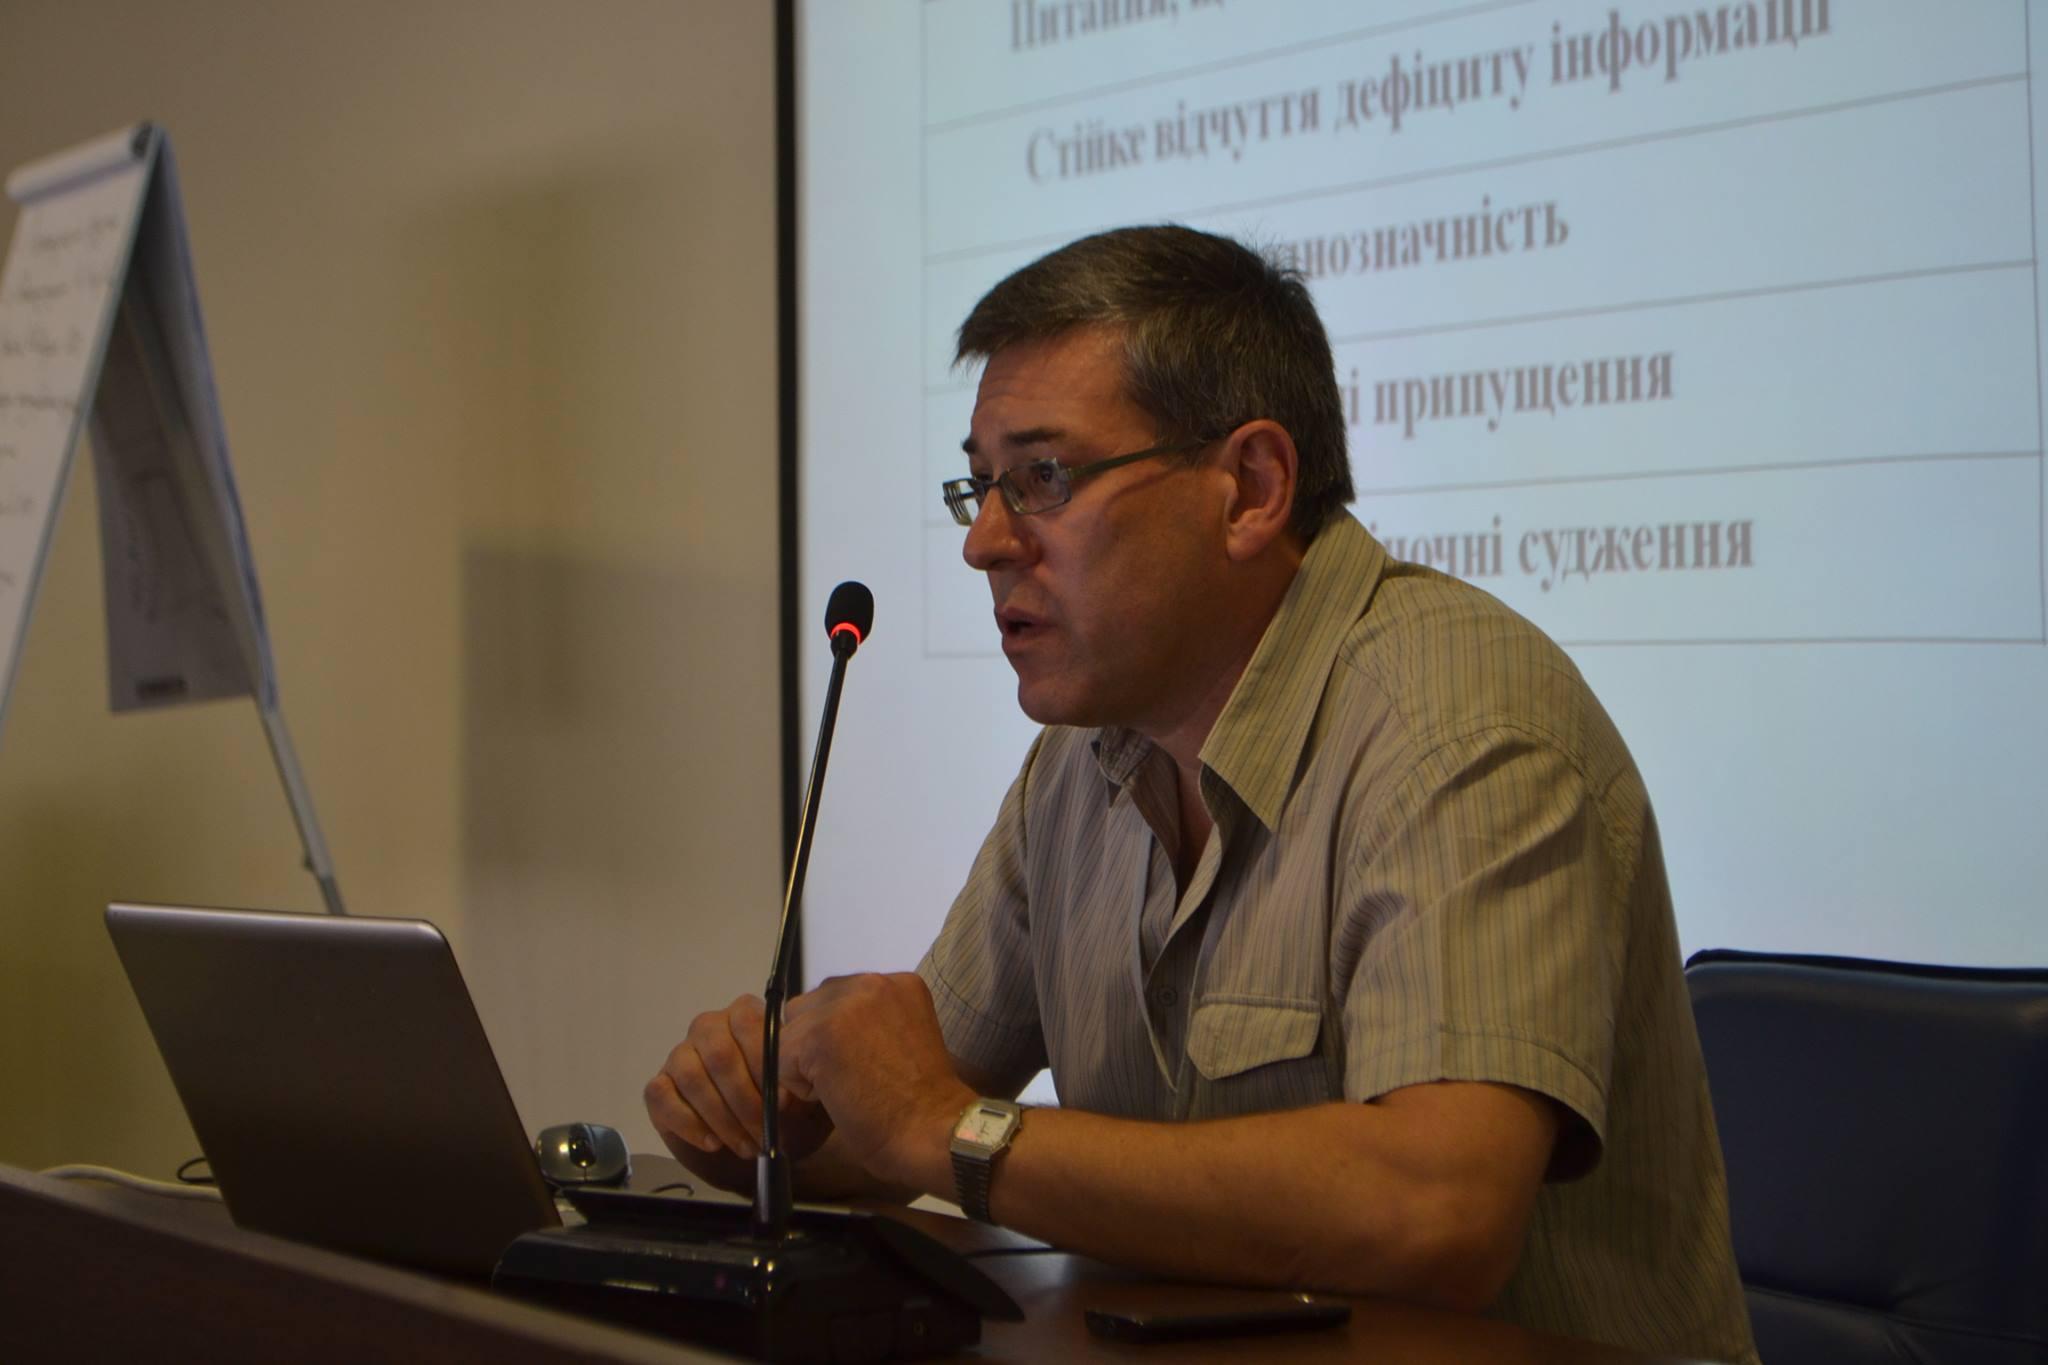 Ігор Дбровський